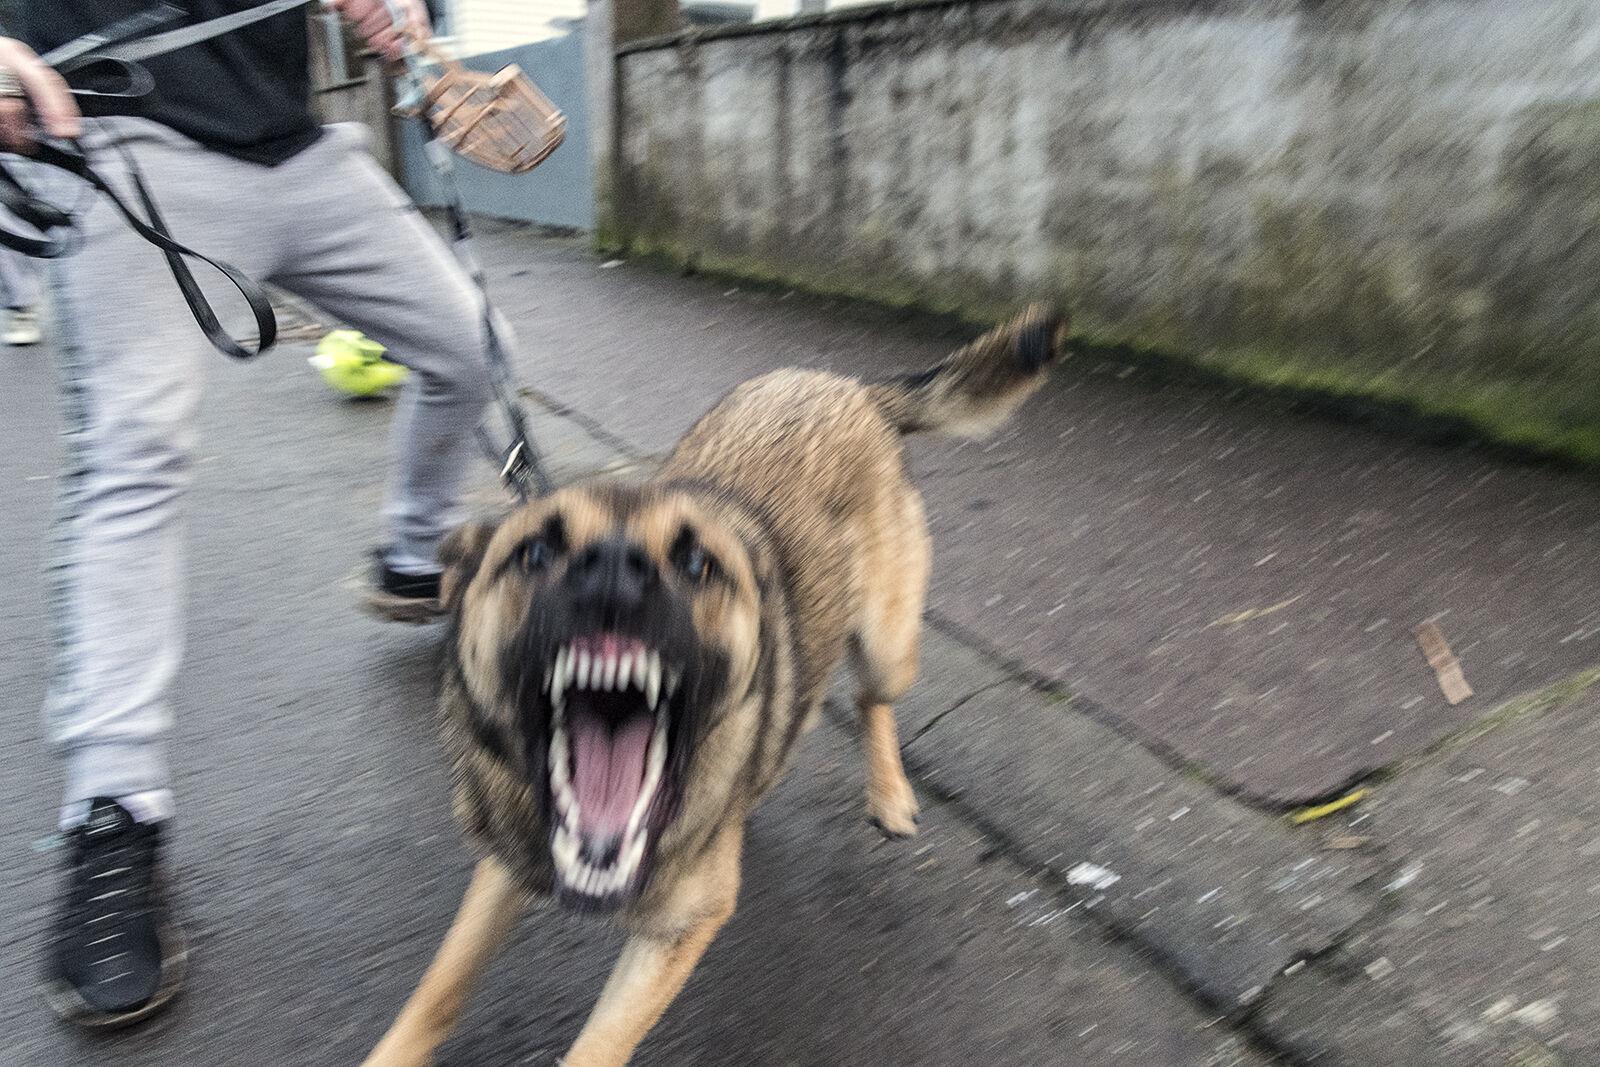 Guard Dog, Cork, Ireland 2020